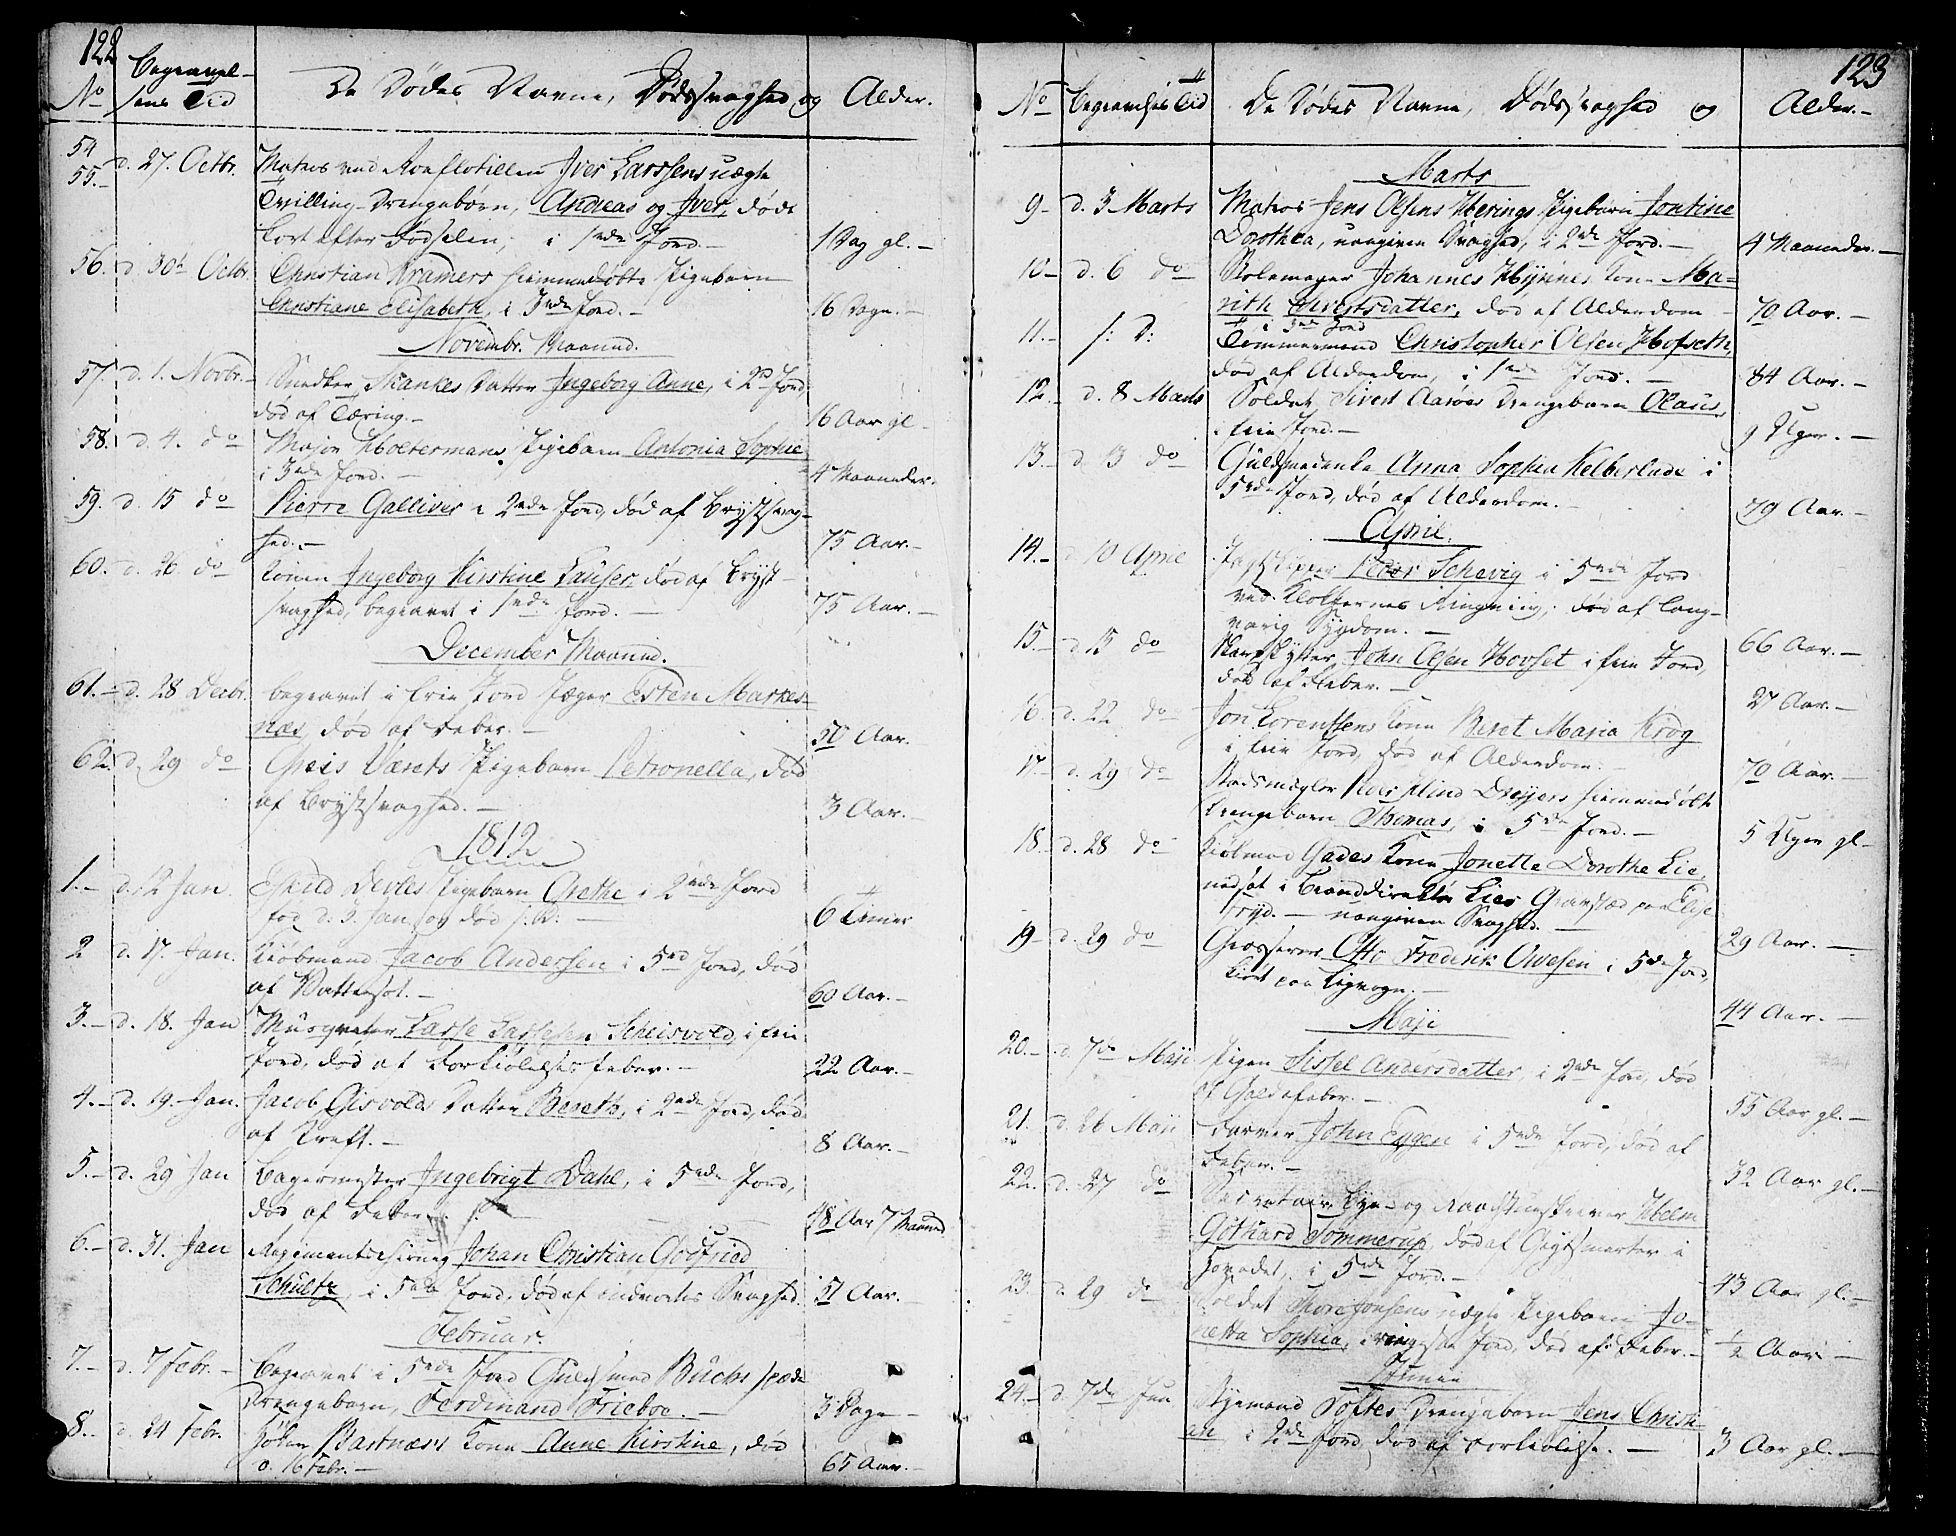 SAT, Ministerialprotokoller, klokkerbøker og fødselsregistre - Sør-Trøndelag, 602/L0106: Ministerialbok nr. 602A04, 1774-1814, s. 122-123